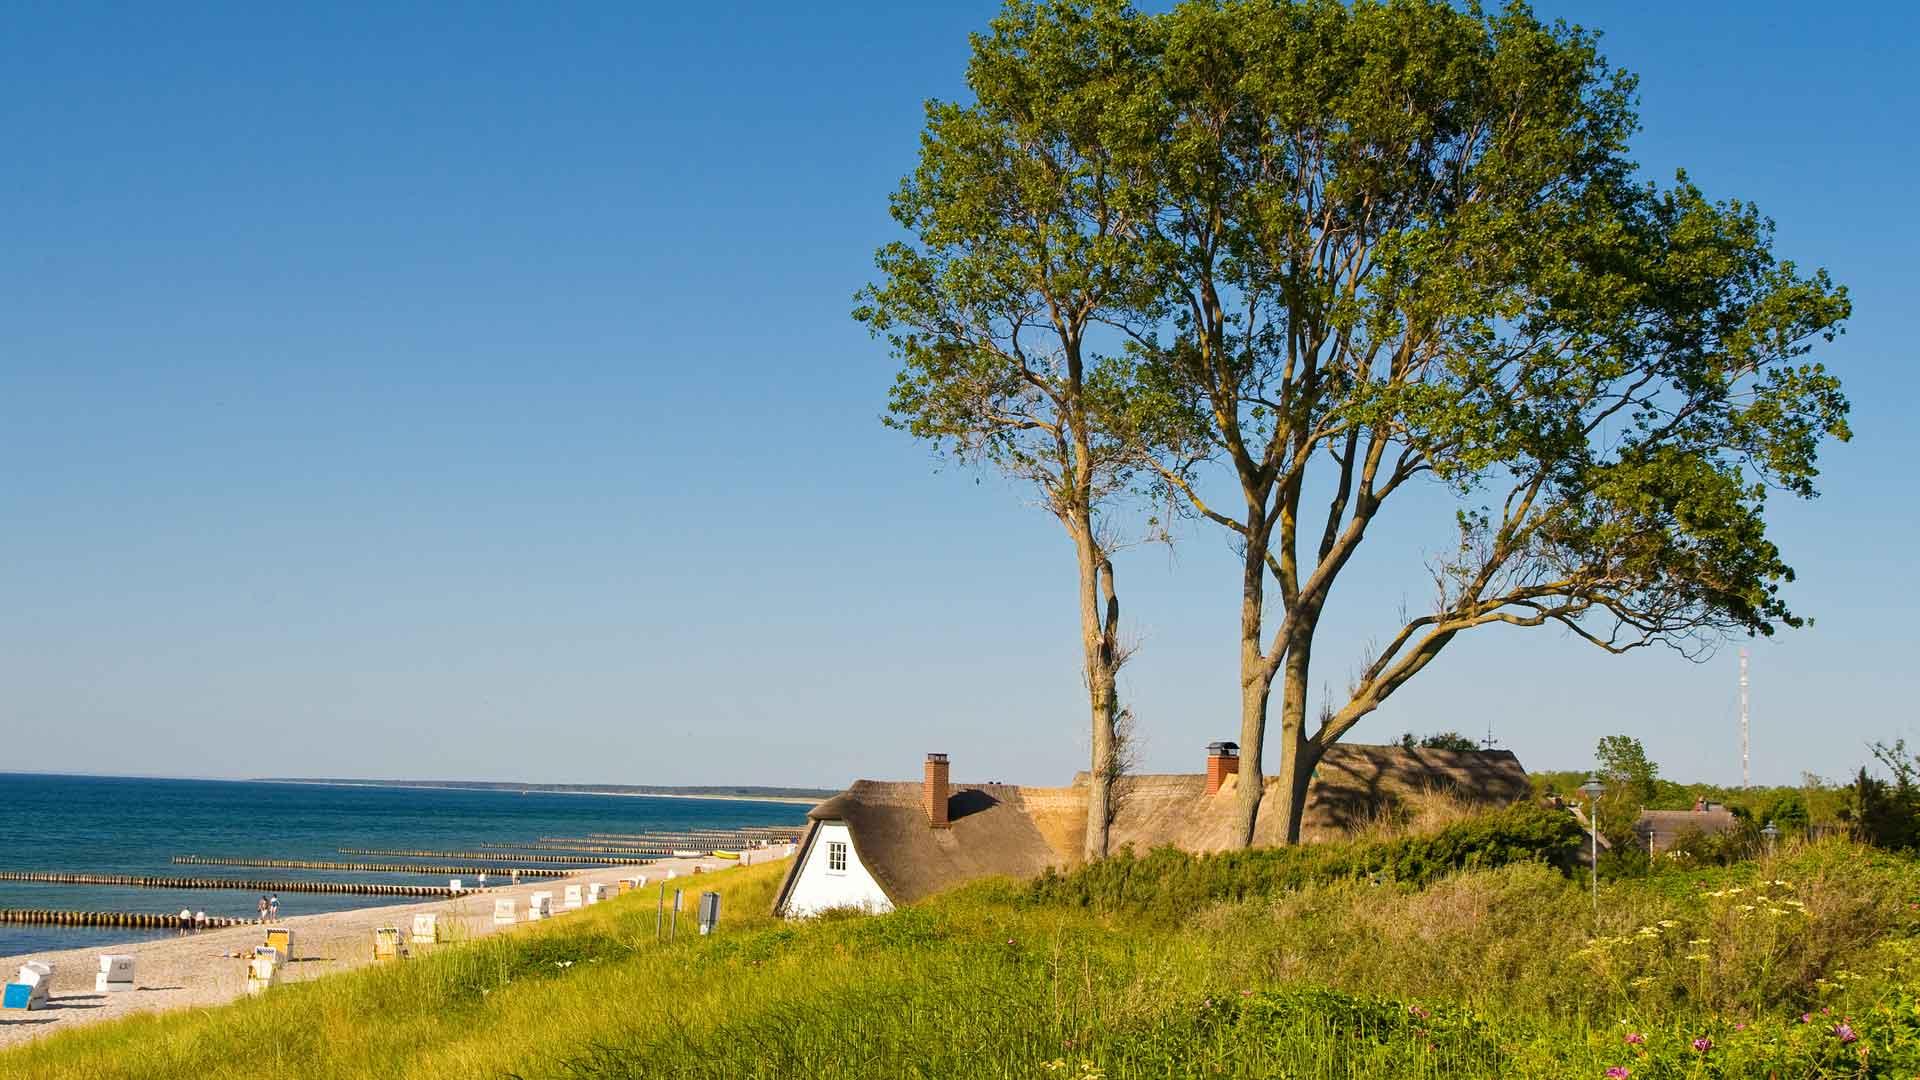 Het kunstenaarsdorp Ahrenshoop ligt direct aan de Oostzee.